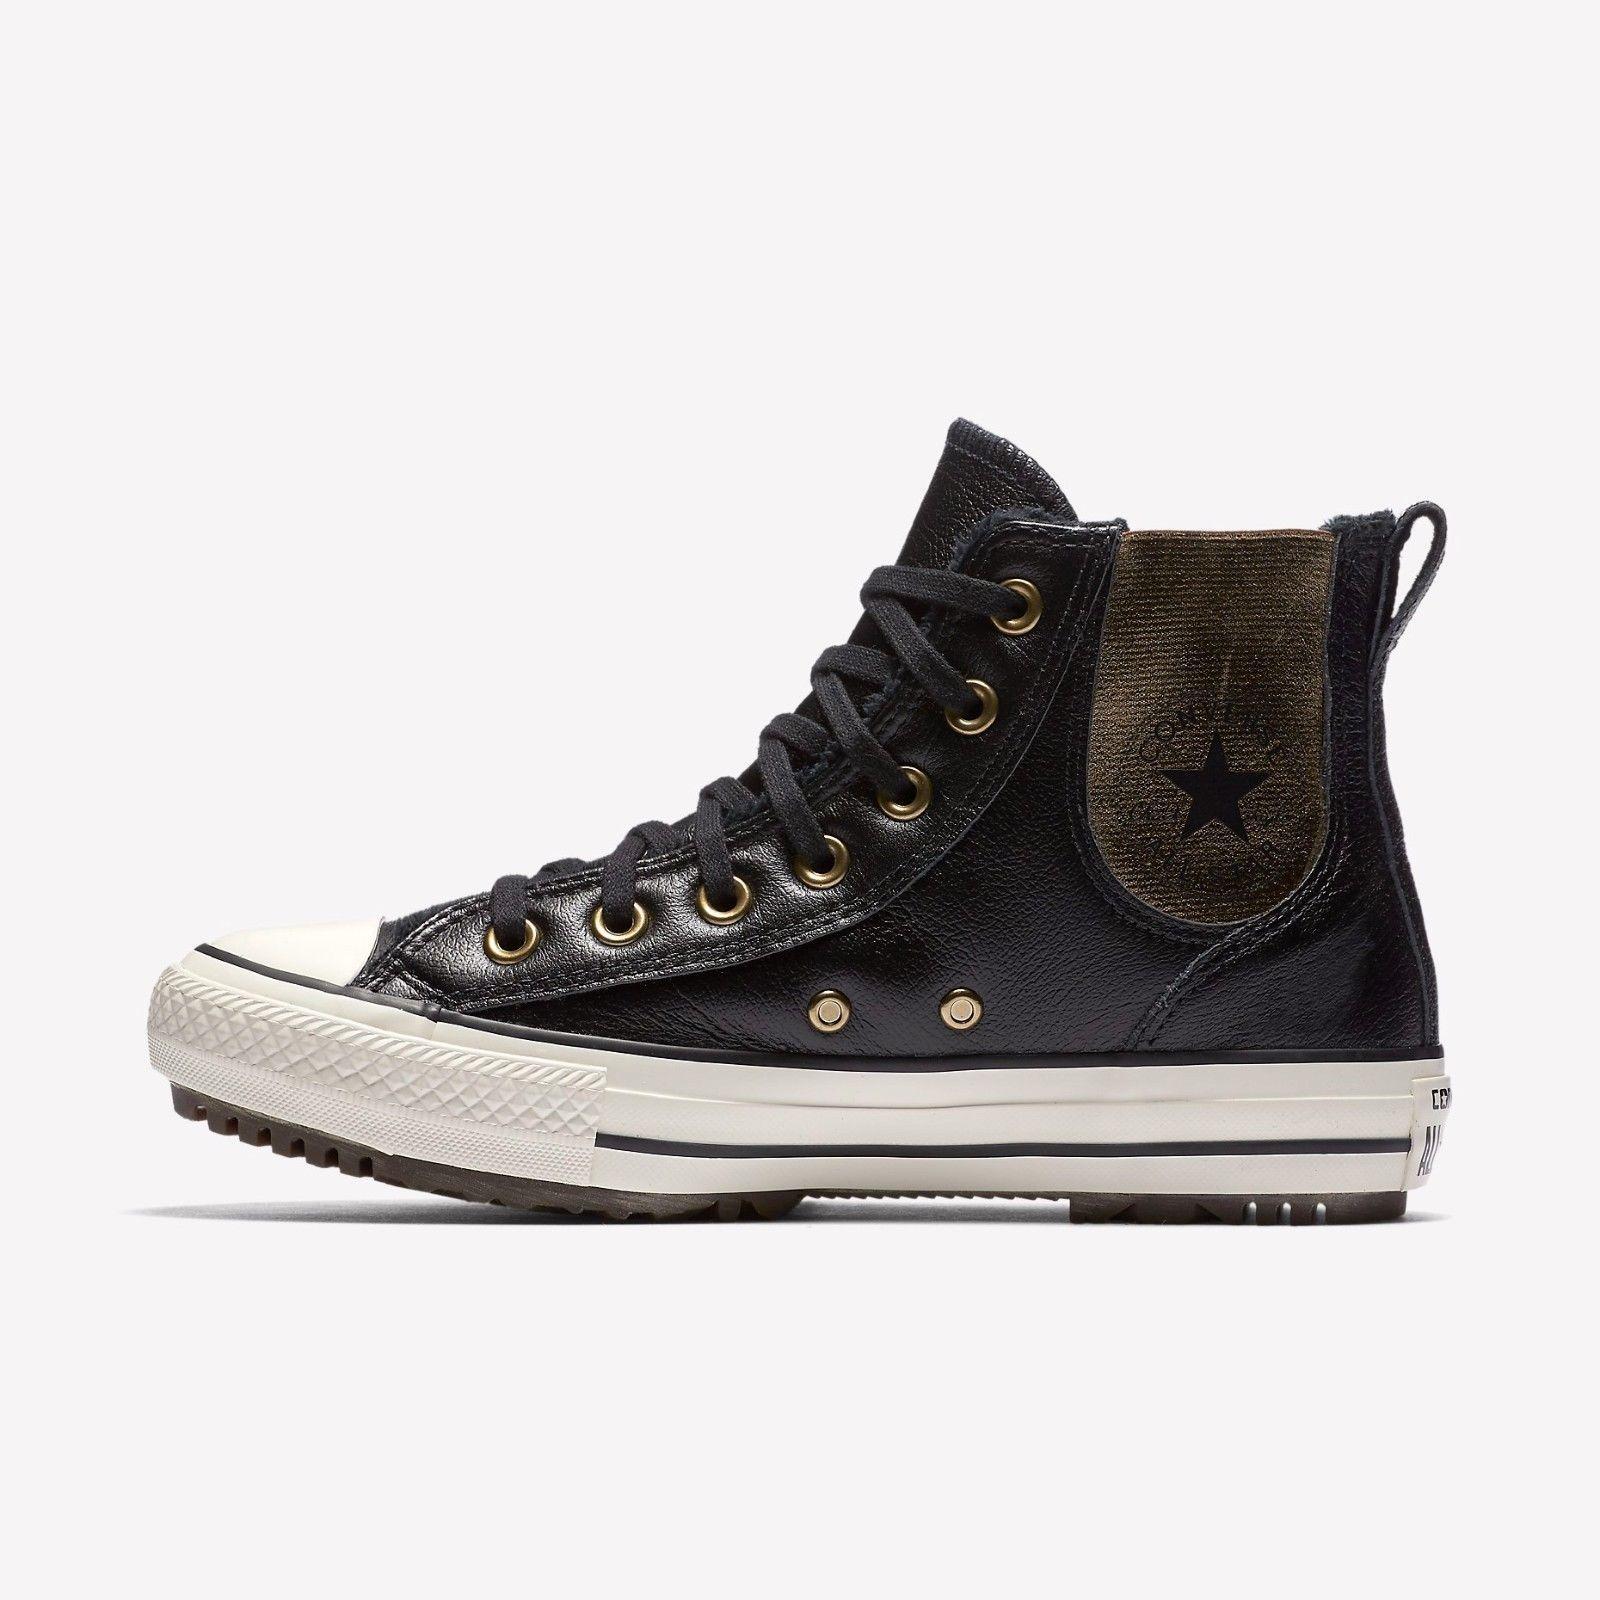 Women's Converse CTAStar LEATHER+FAUX FUR Chelsea Boot, 553392C Mult Sizes Black - $99.95